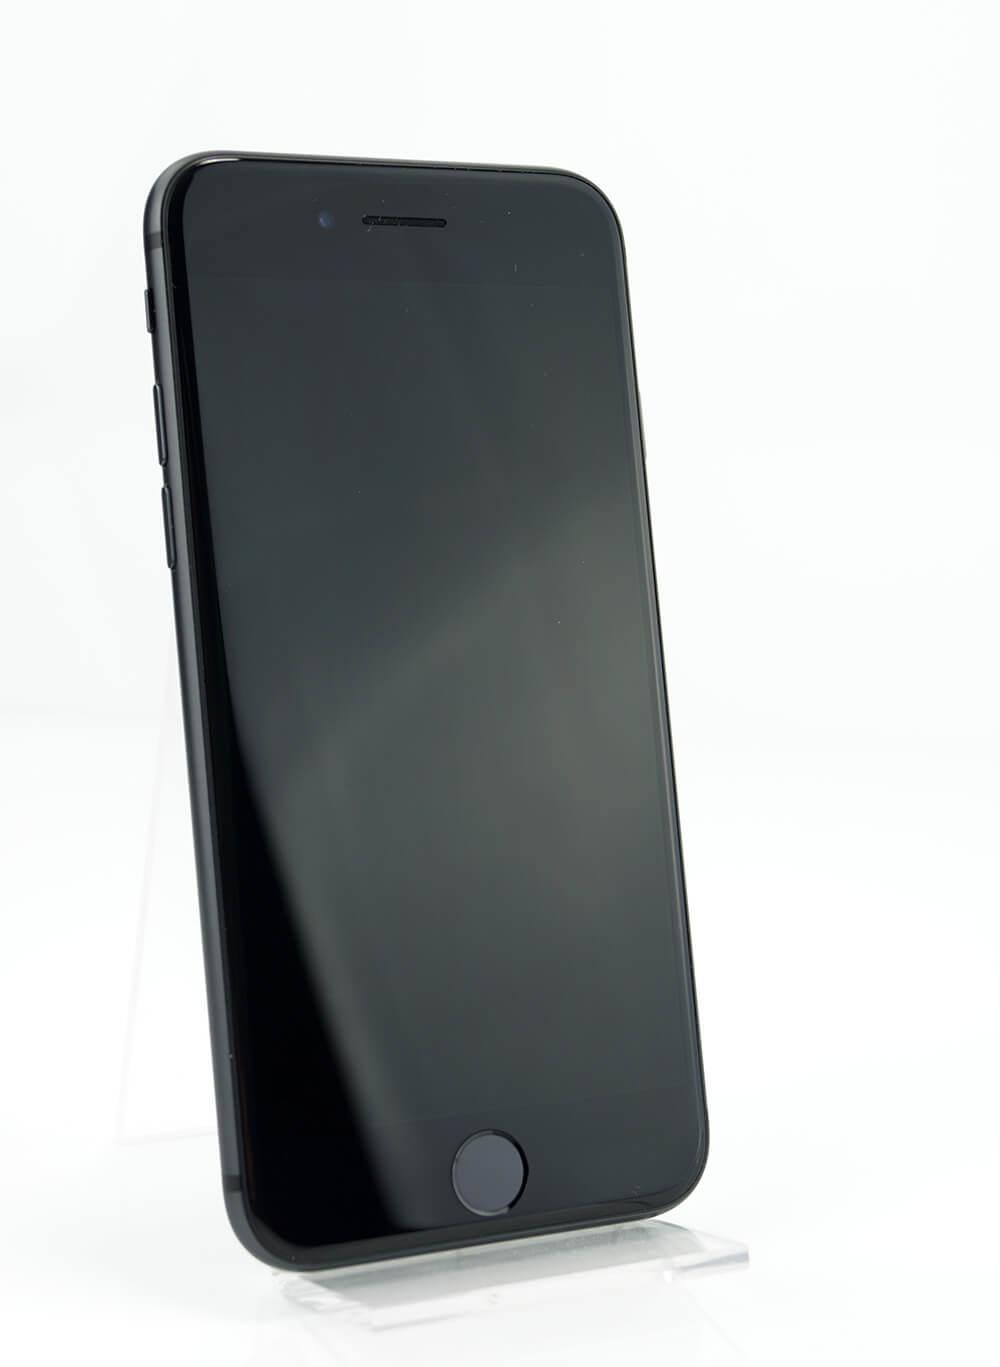 Iphone 7 Ankauf - iphone 7 verkaufen